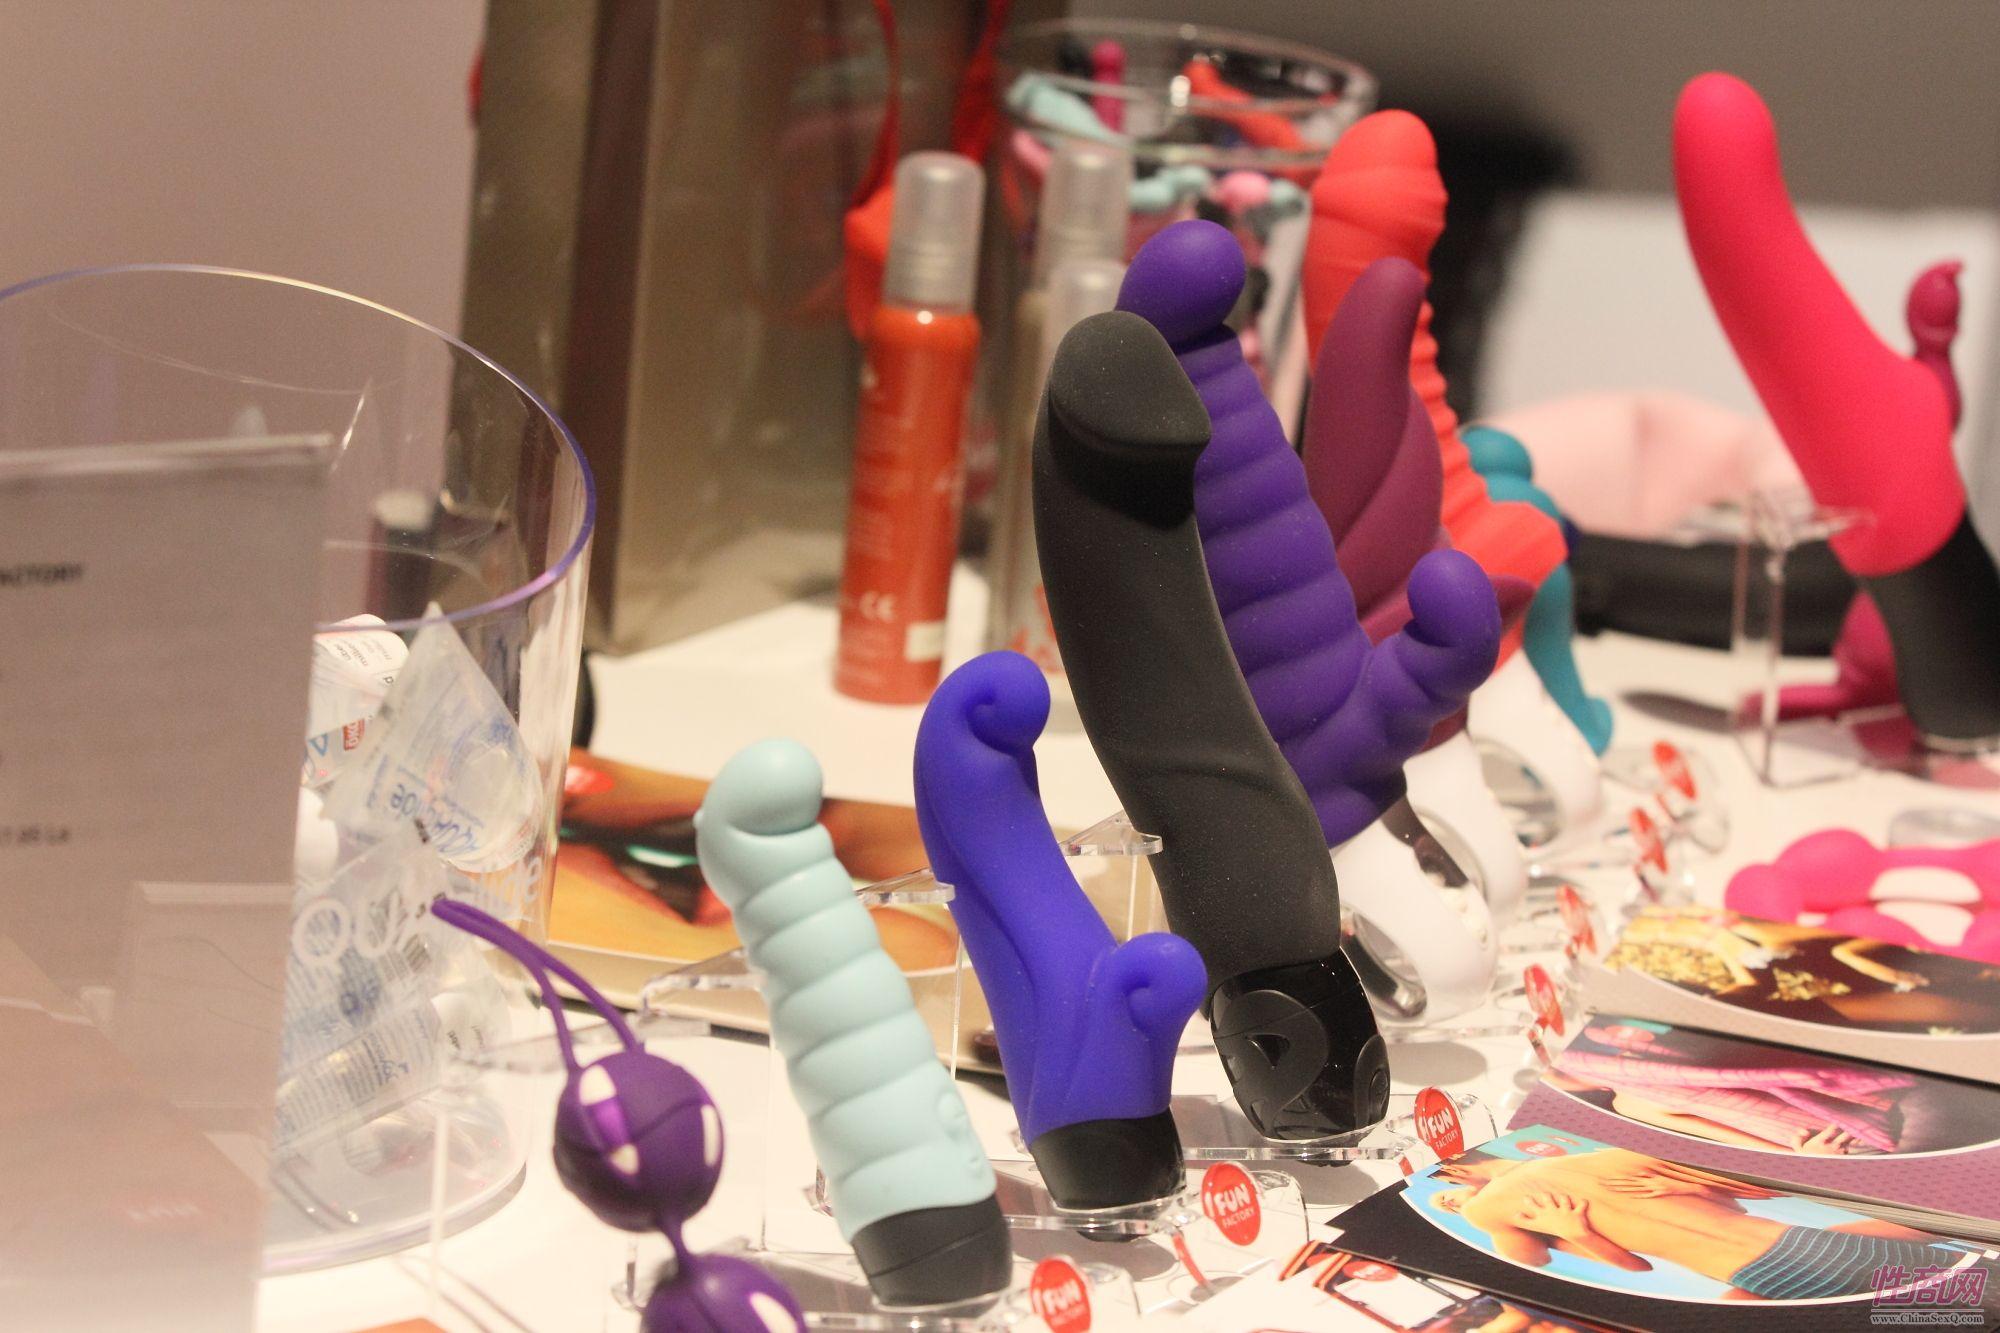 2013拉脱维亚成人展Erots商家展示性用品图片2